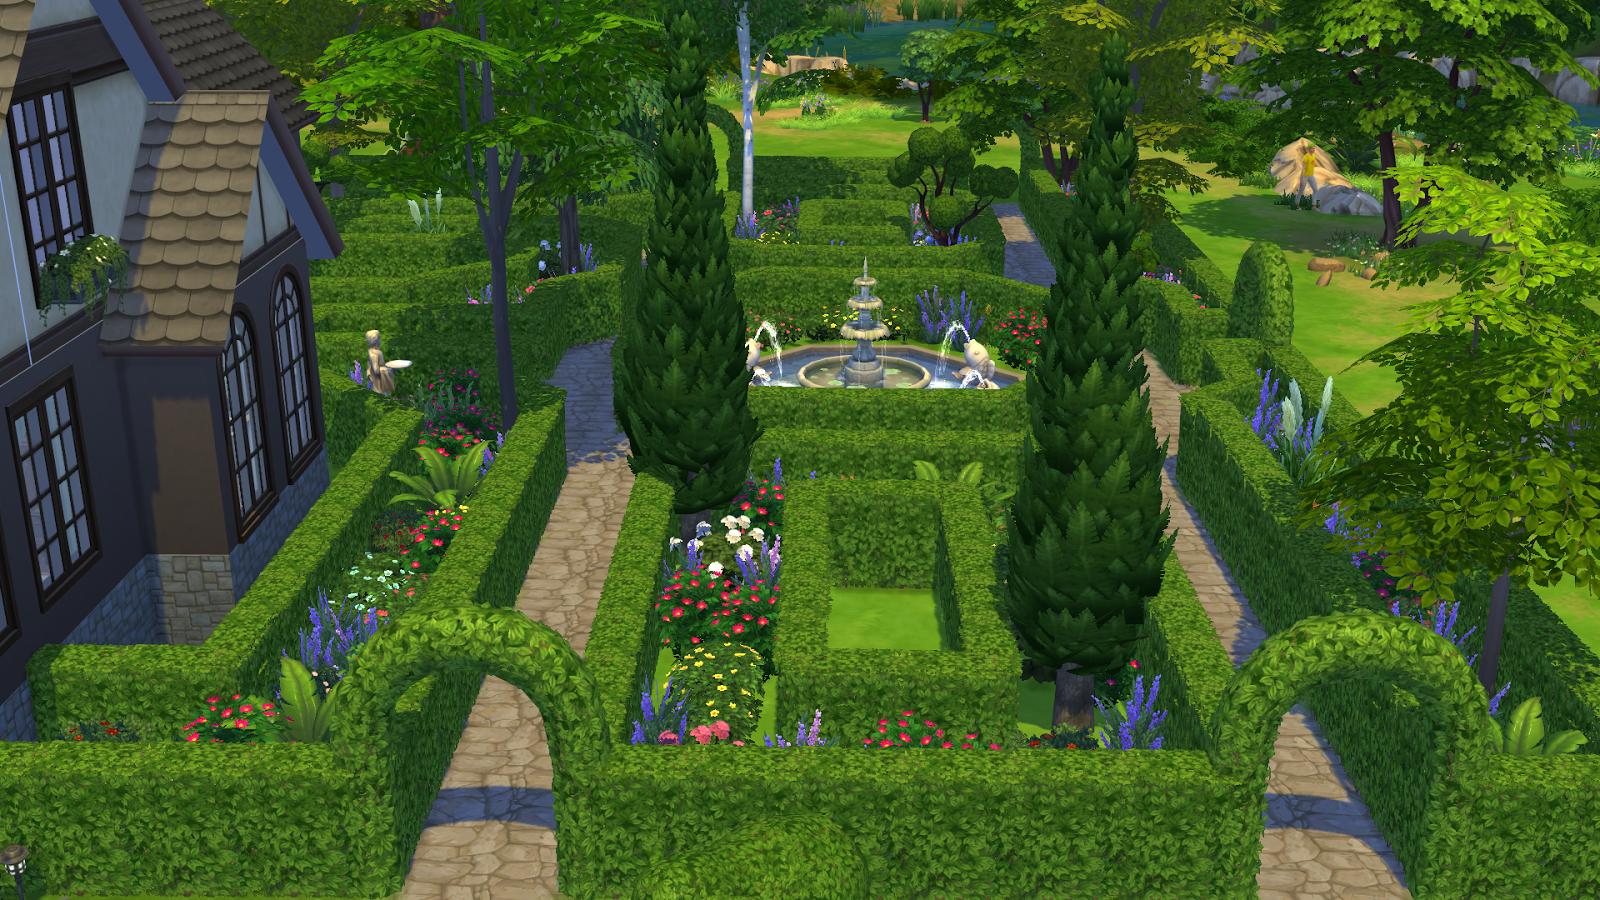 Программы для Симс 3 - скачать бесплатно программы для Sims 3 - Пользовательские объекты для sims 3 2017 торрент скачать